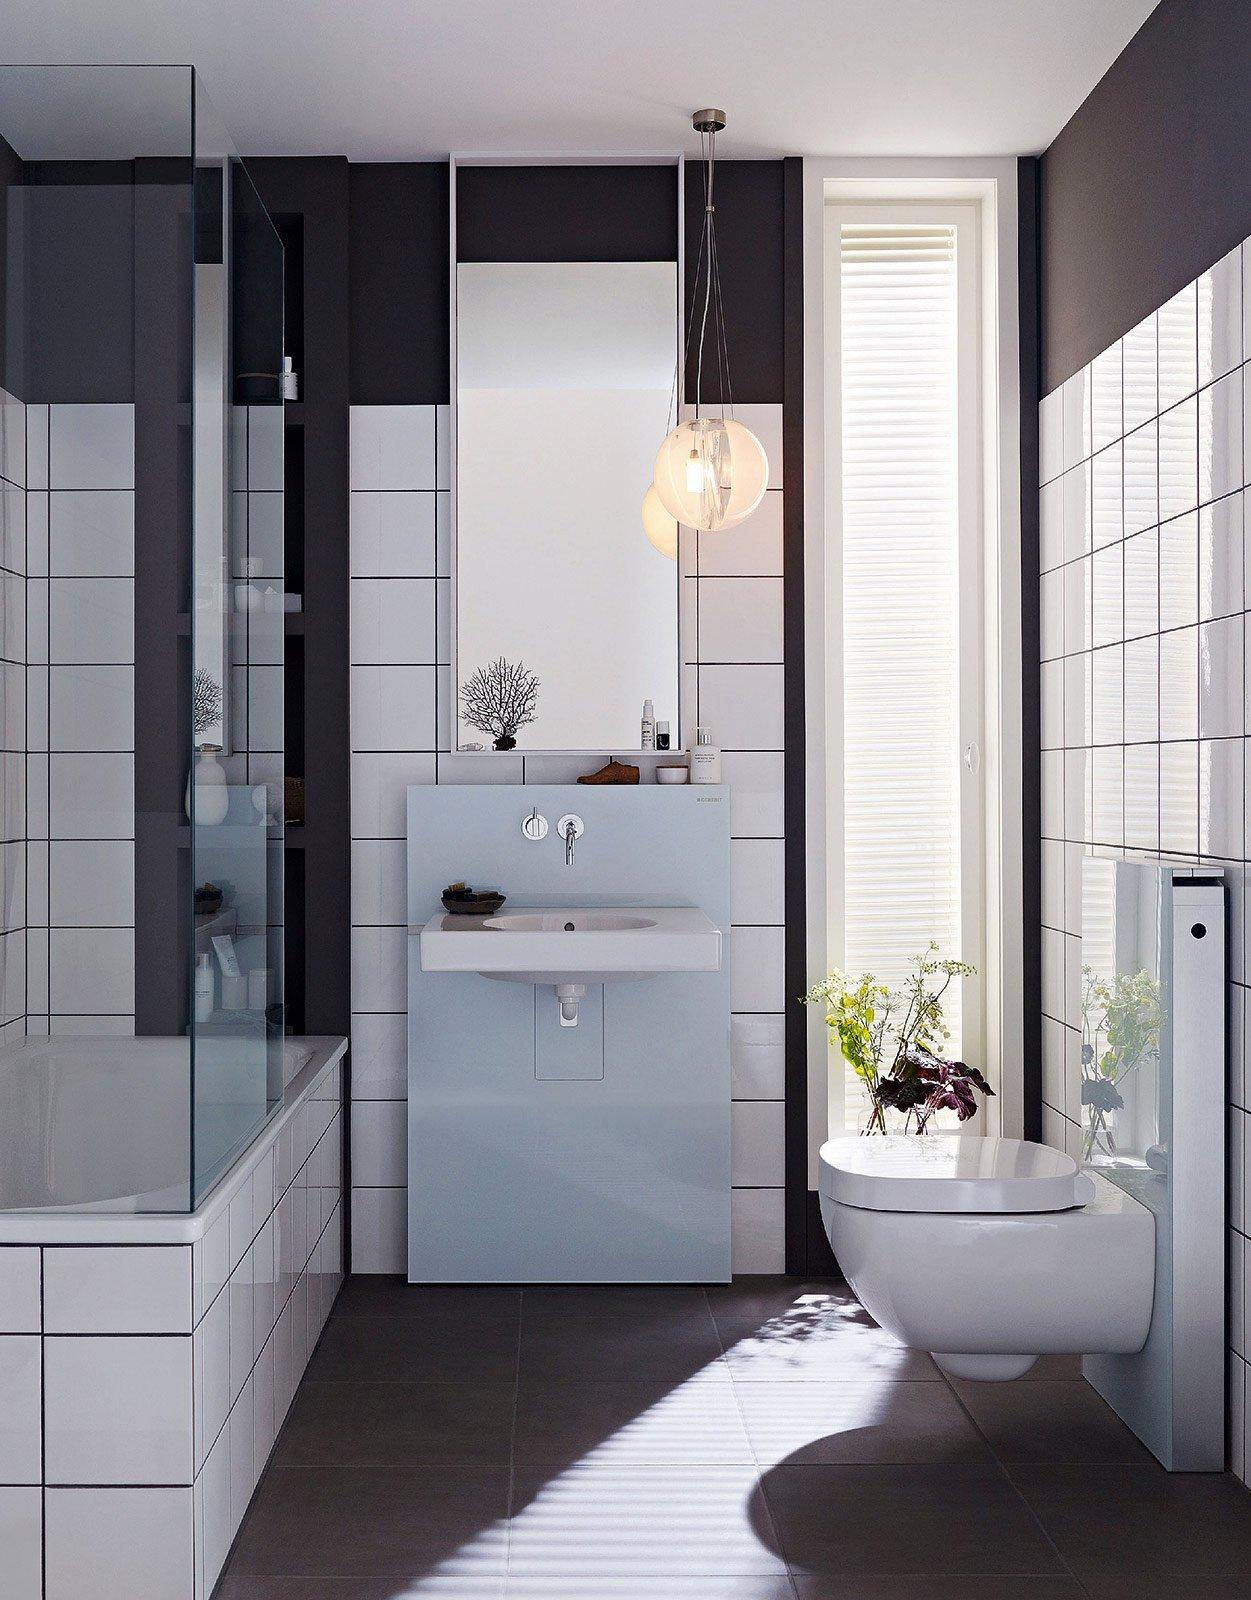 Mobile lavabo a terra sospeso ed extraslim cose di casa for Rubinetti per lavabo